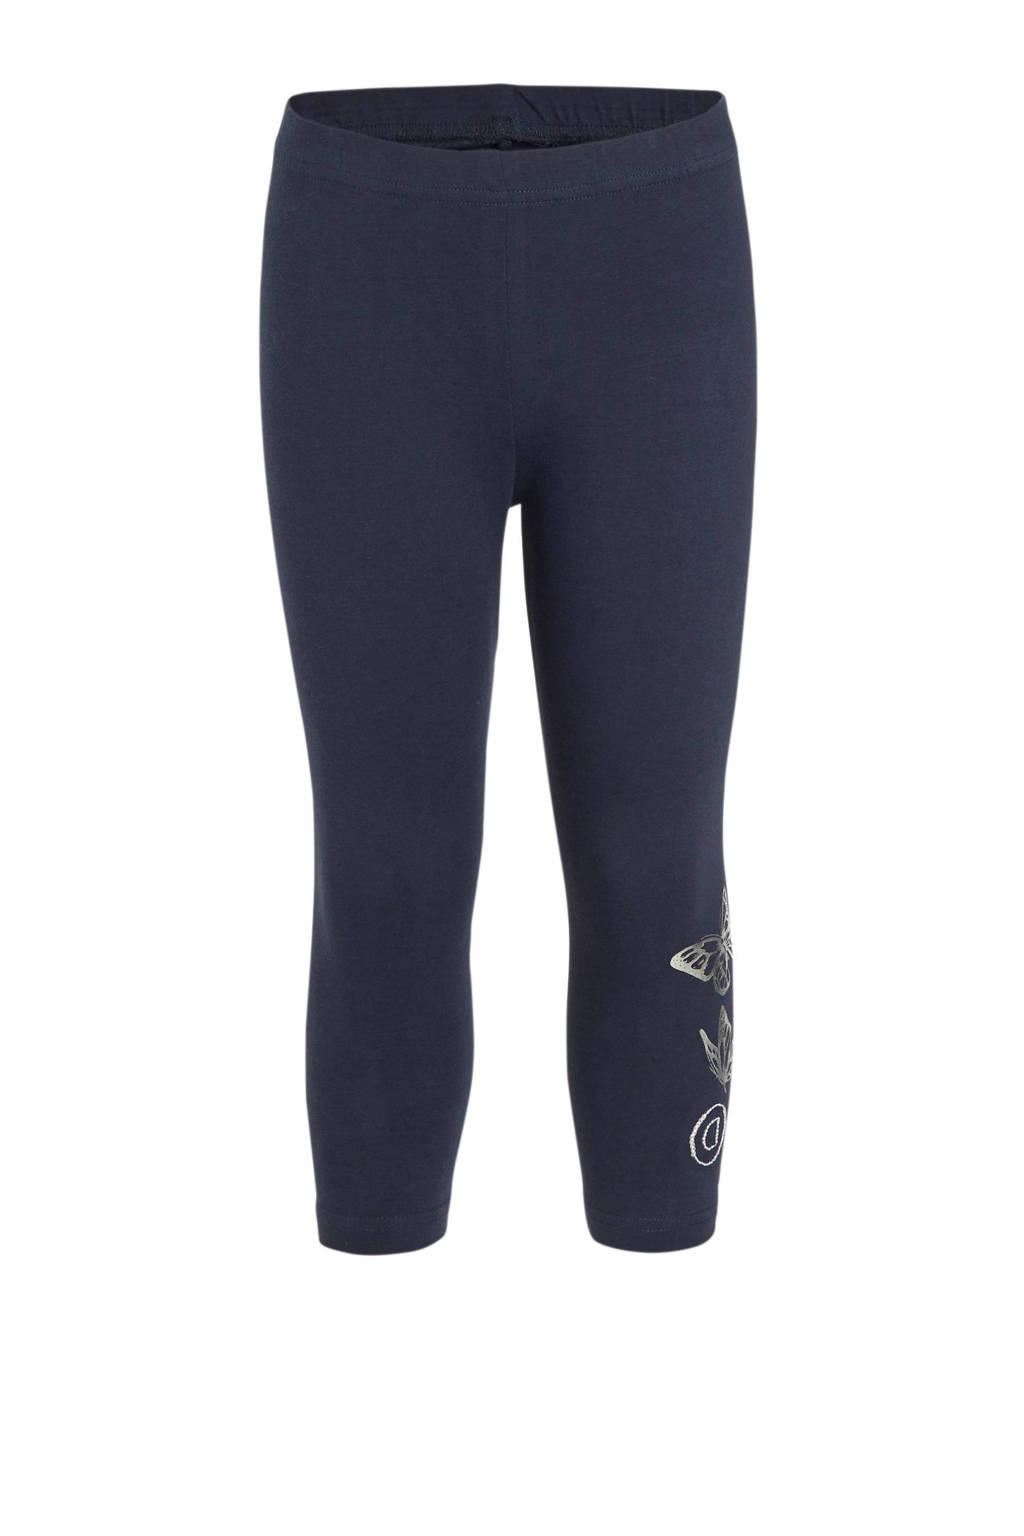 Desigual legging met printopdruk en pailletten donkerbauw/zilver, Donkerbauw/zilver